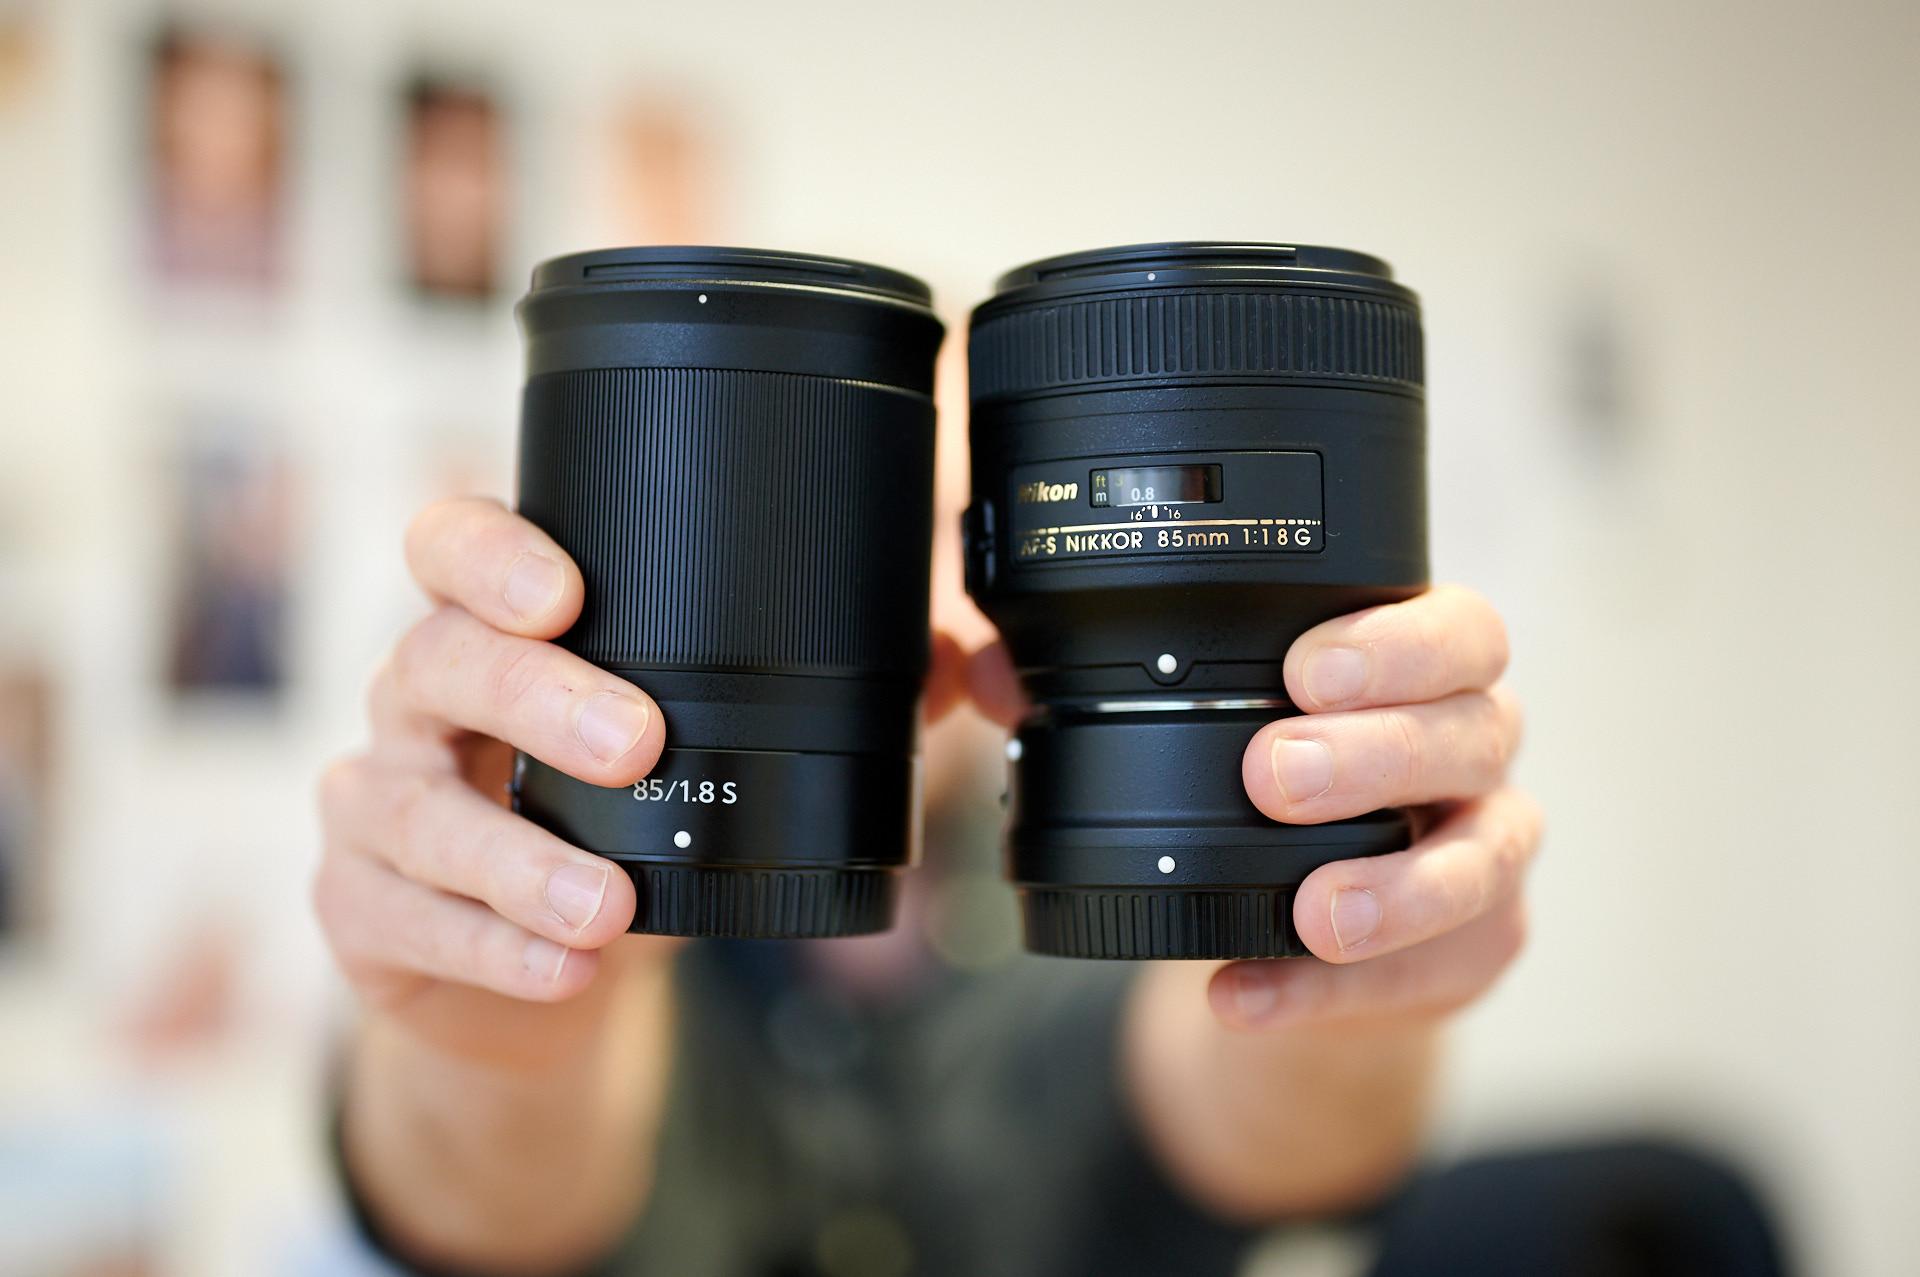 image: Dennis holding the Nikon Nikkor Z 85mm f/1.8S and the AF-S Nikkor 85mm F1:1.8G